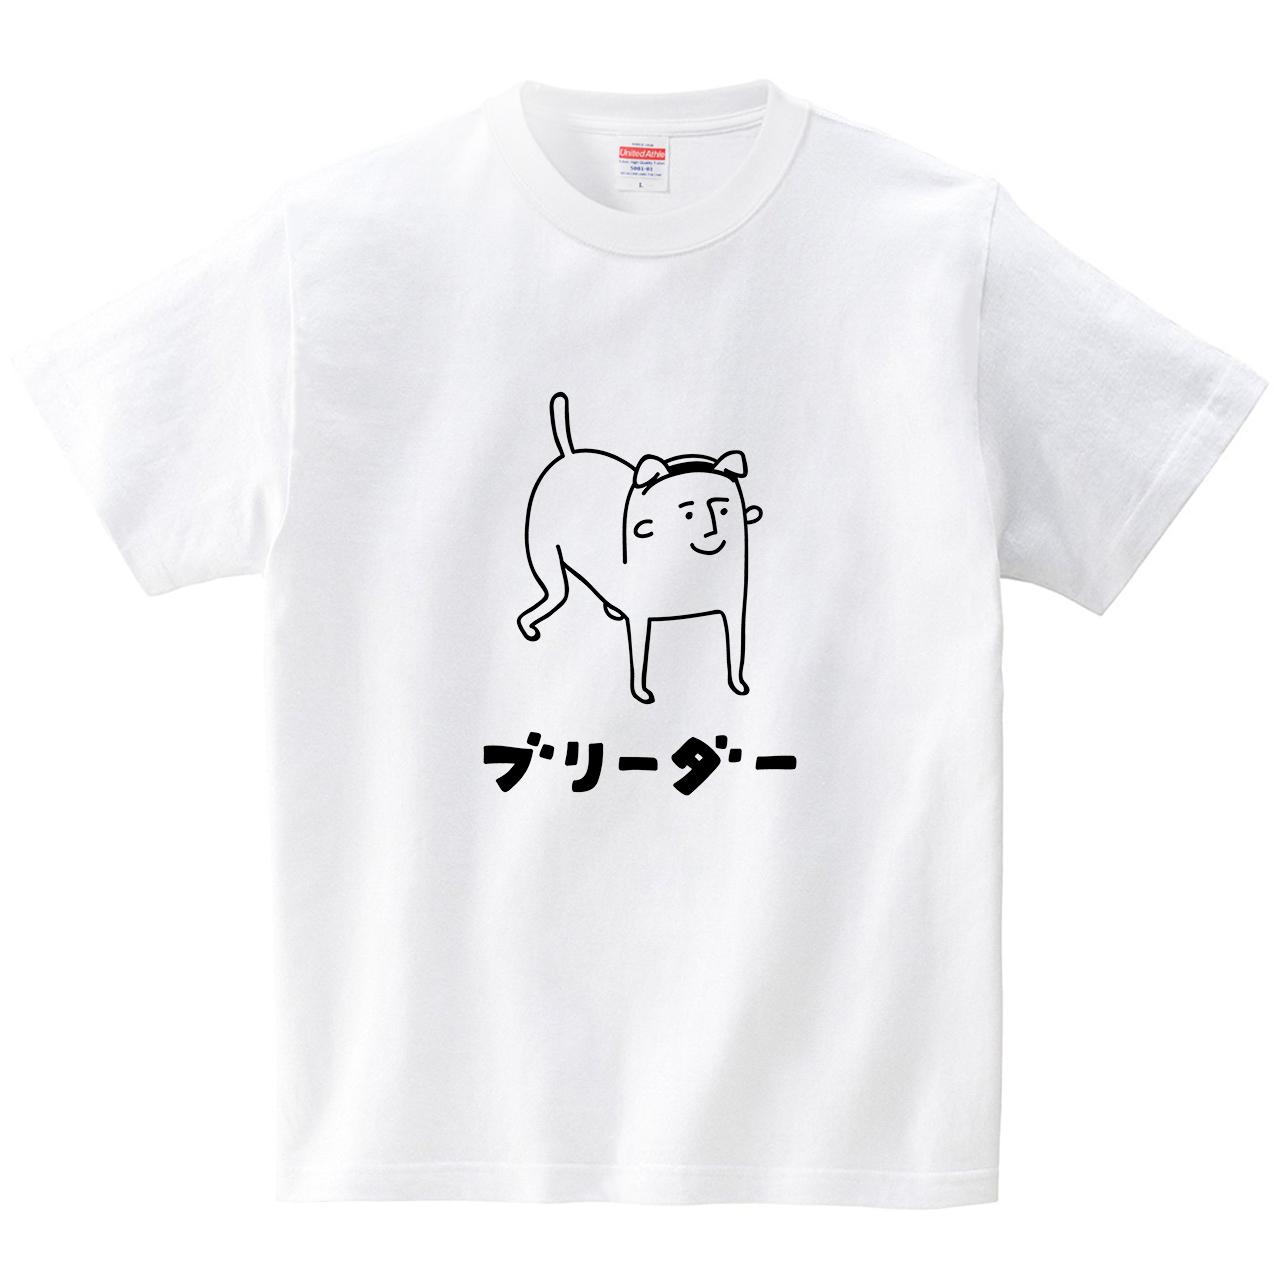 立派なブリーダー(Tシャツ・ホワイト)(オワリ)